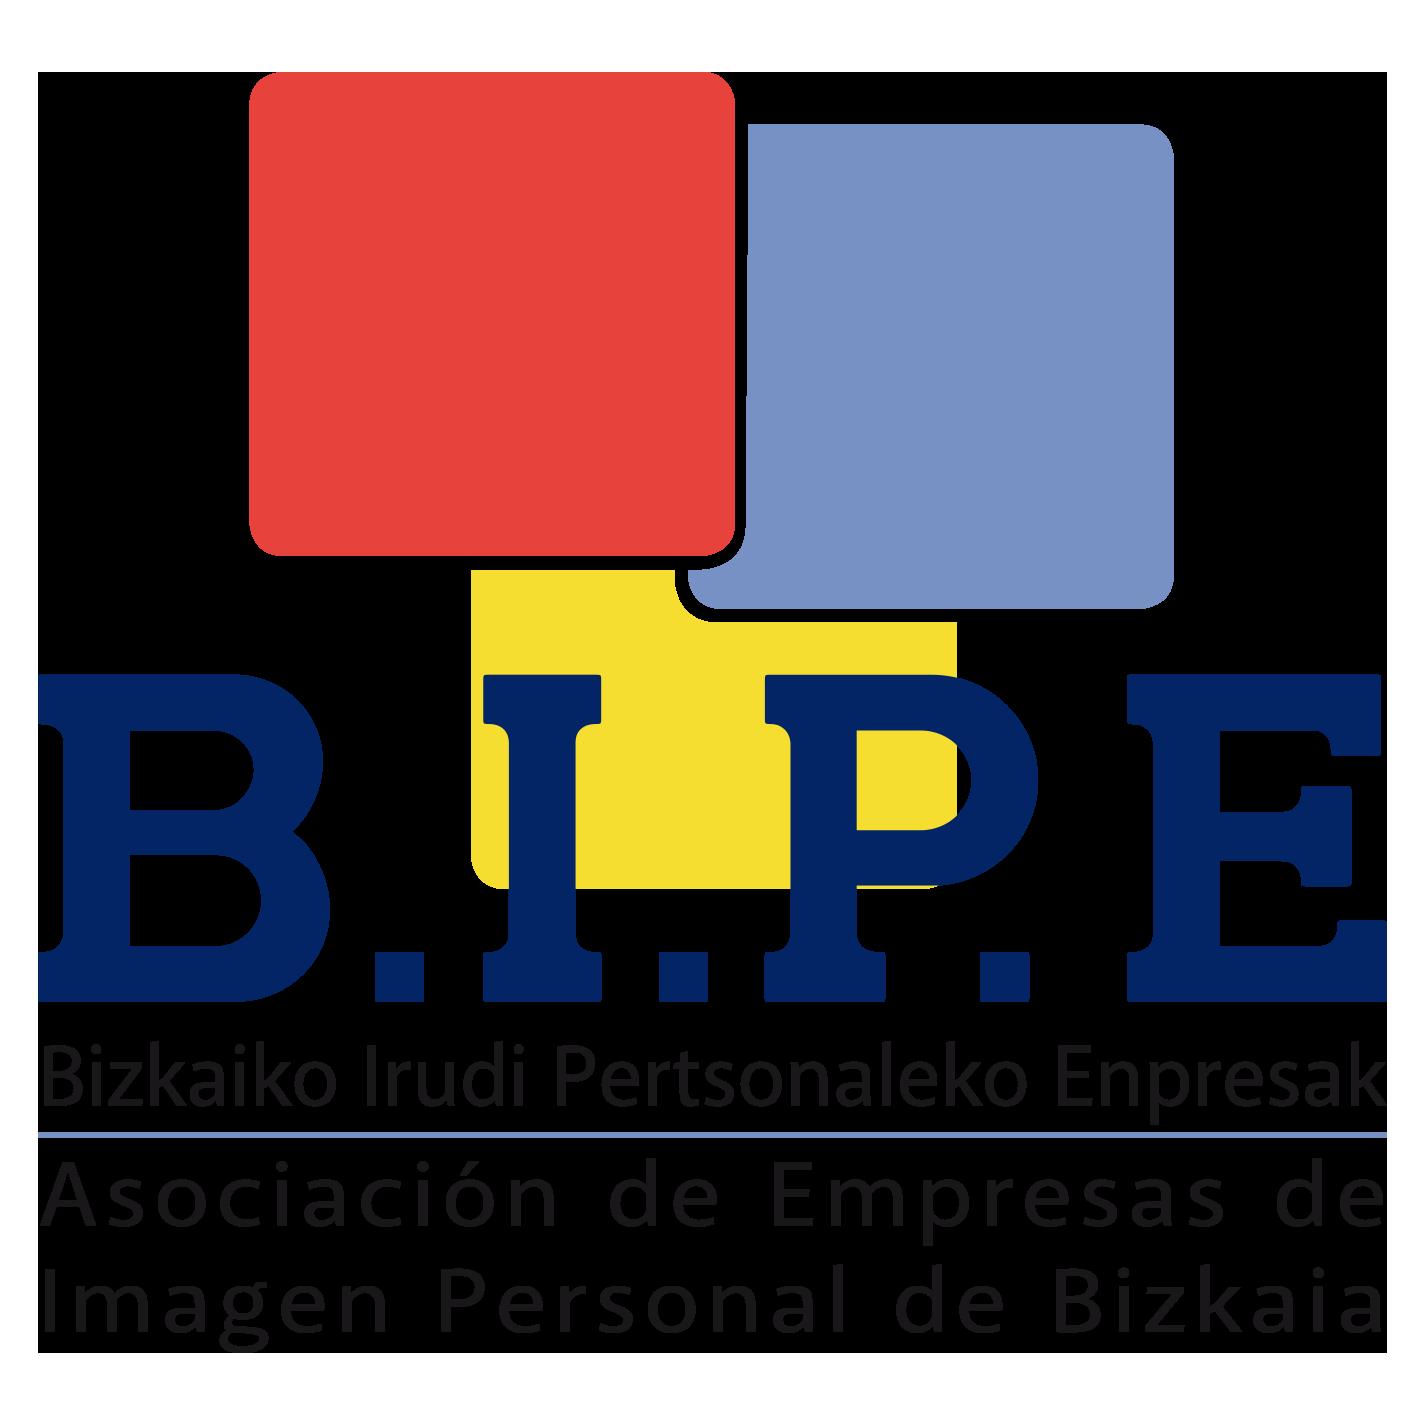 Bipe Bizkaia